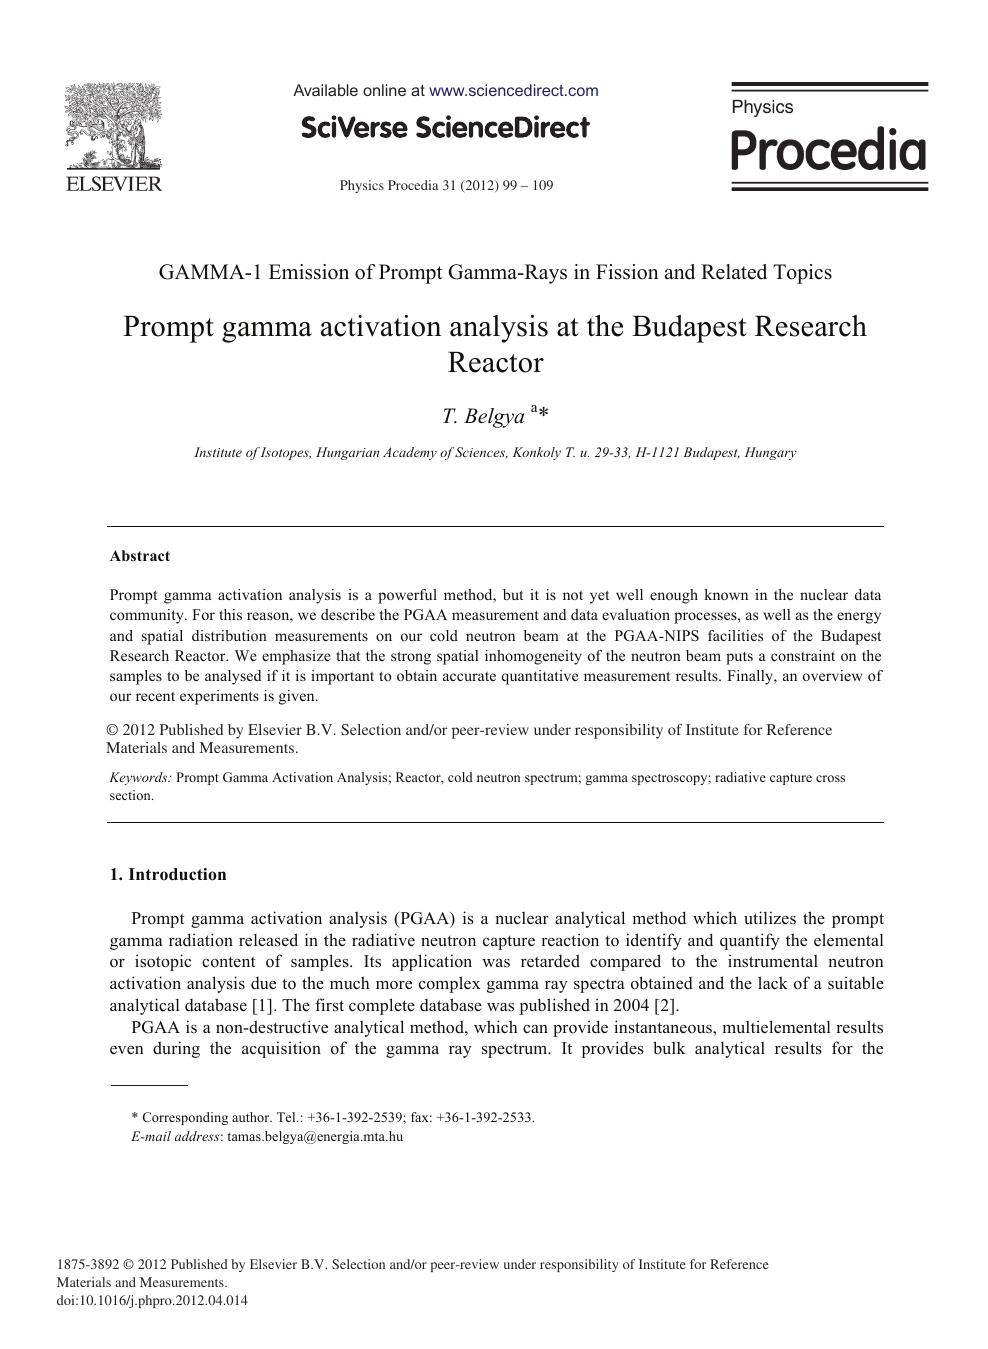 neutron activation analysis review pdf